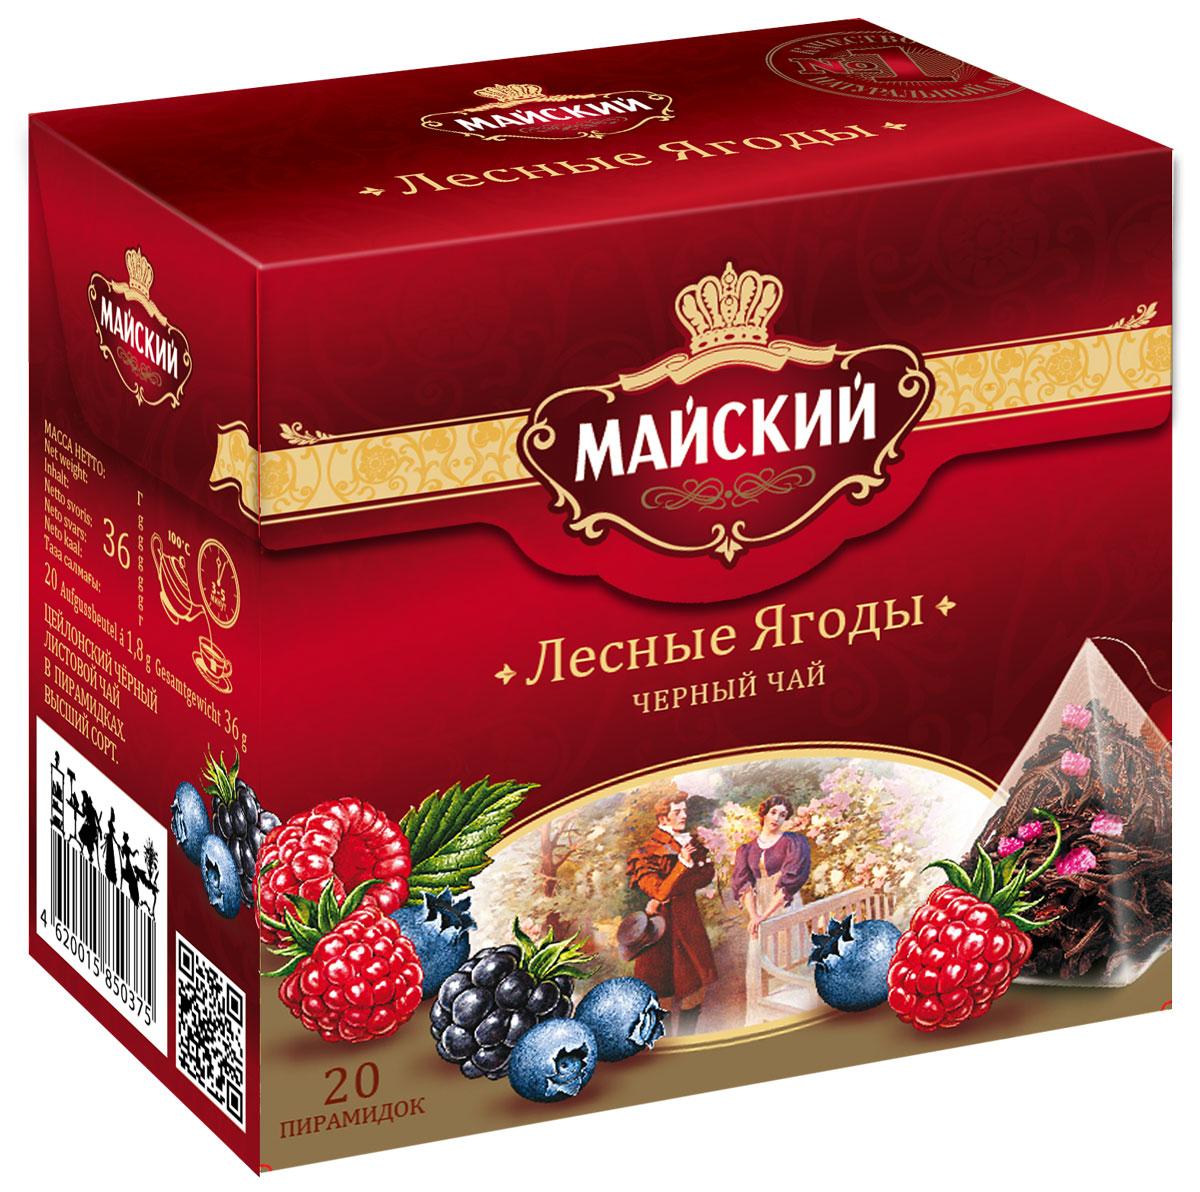 Майский Лесные ягоды черный чай в пирамидках, 20 шт и майский б шоу и другие воспоминания